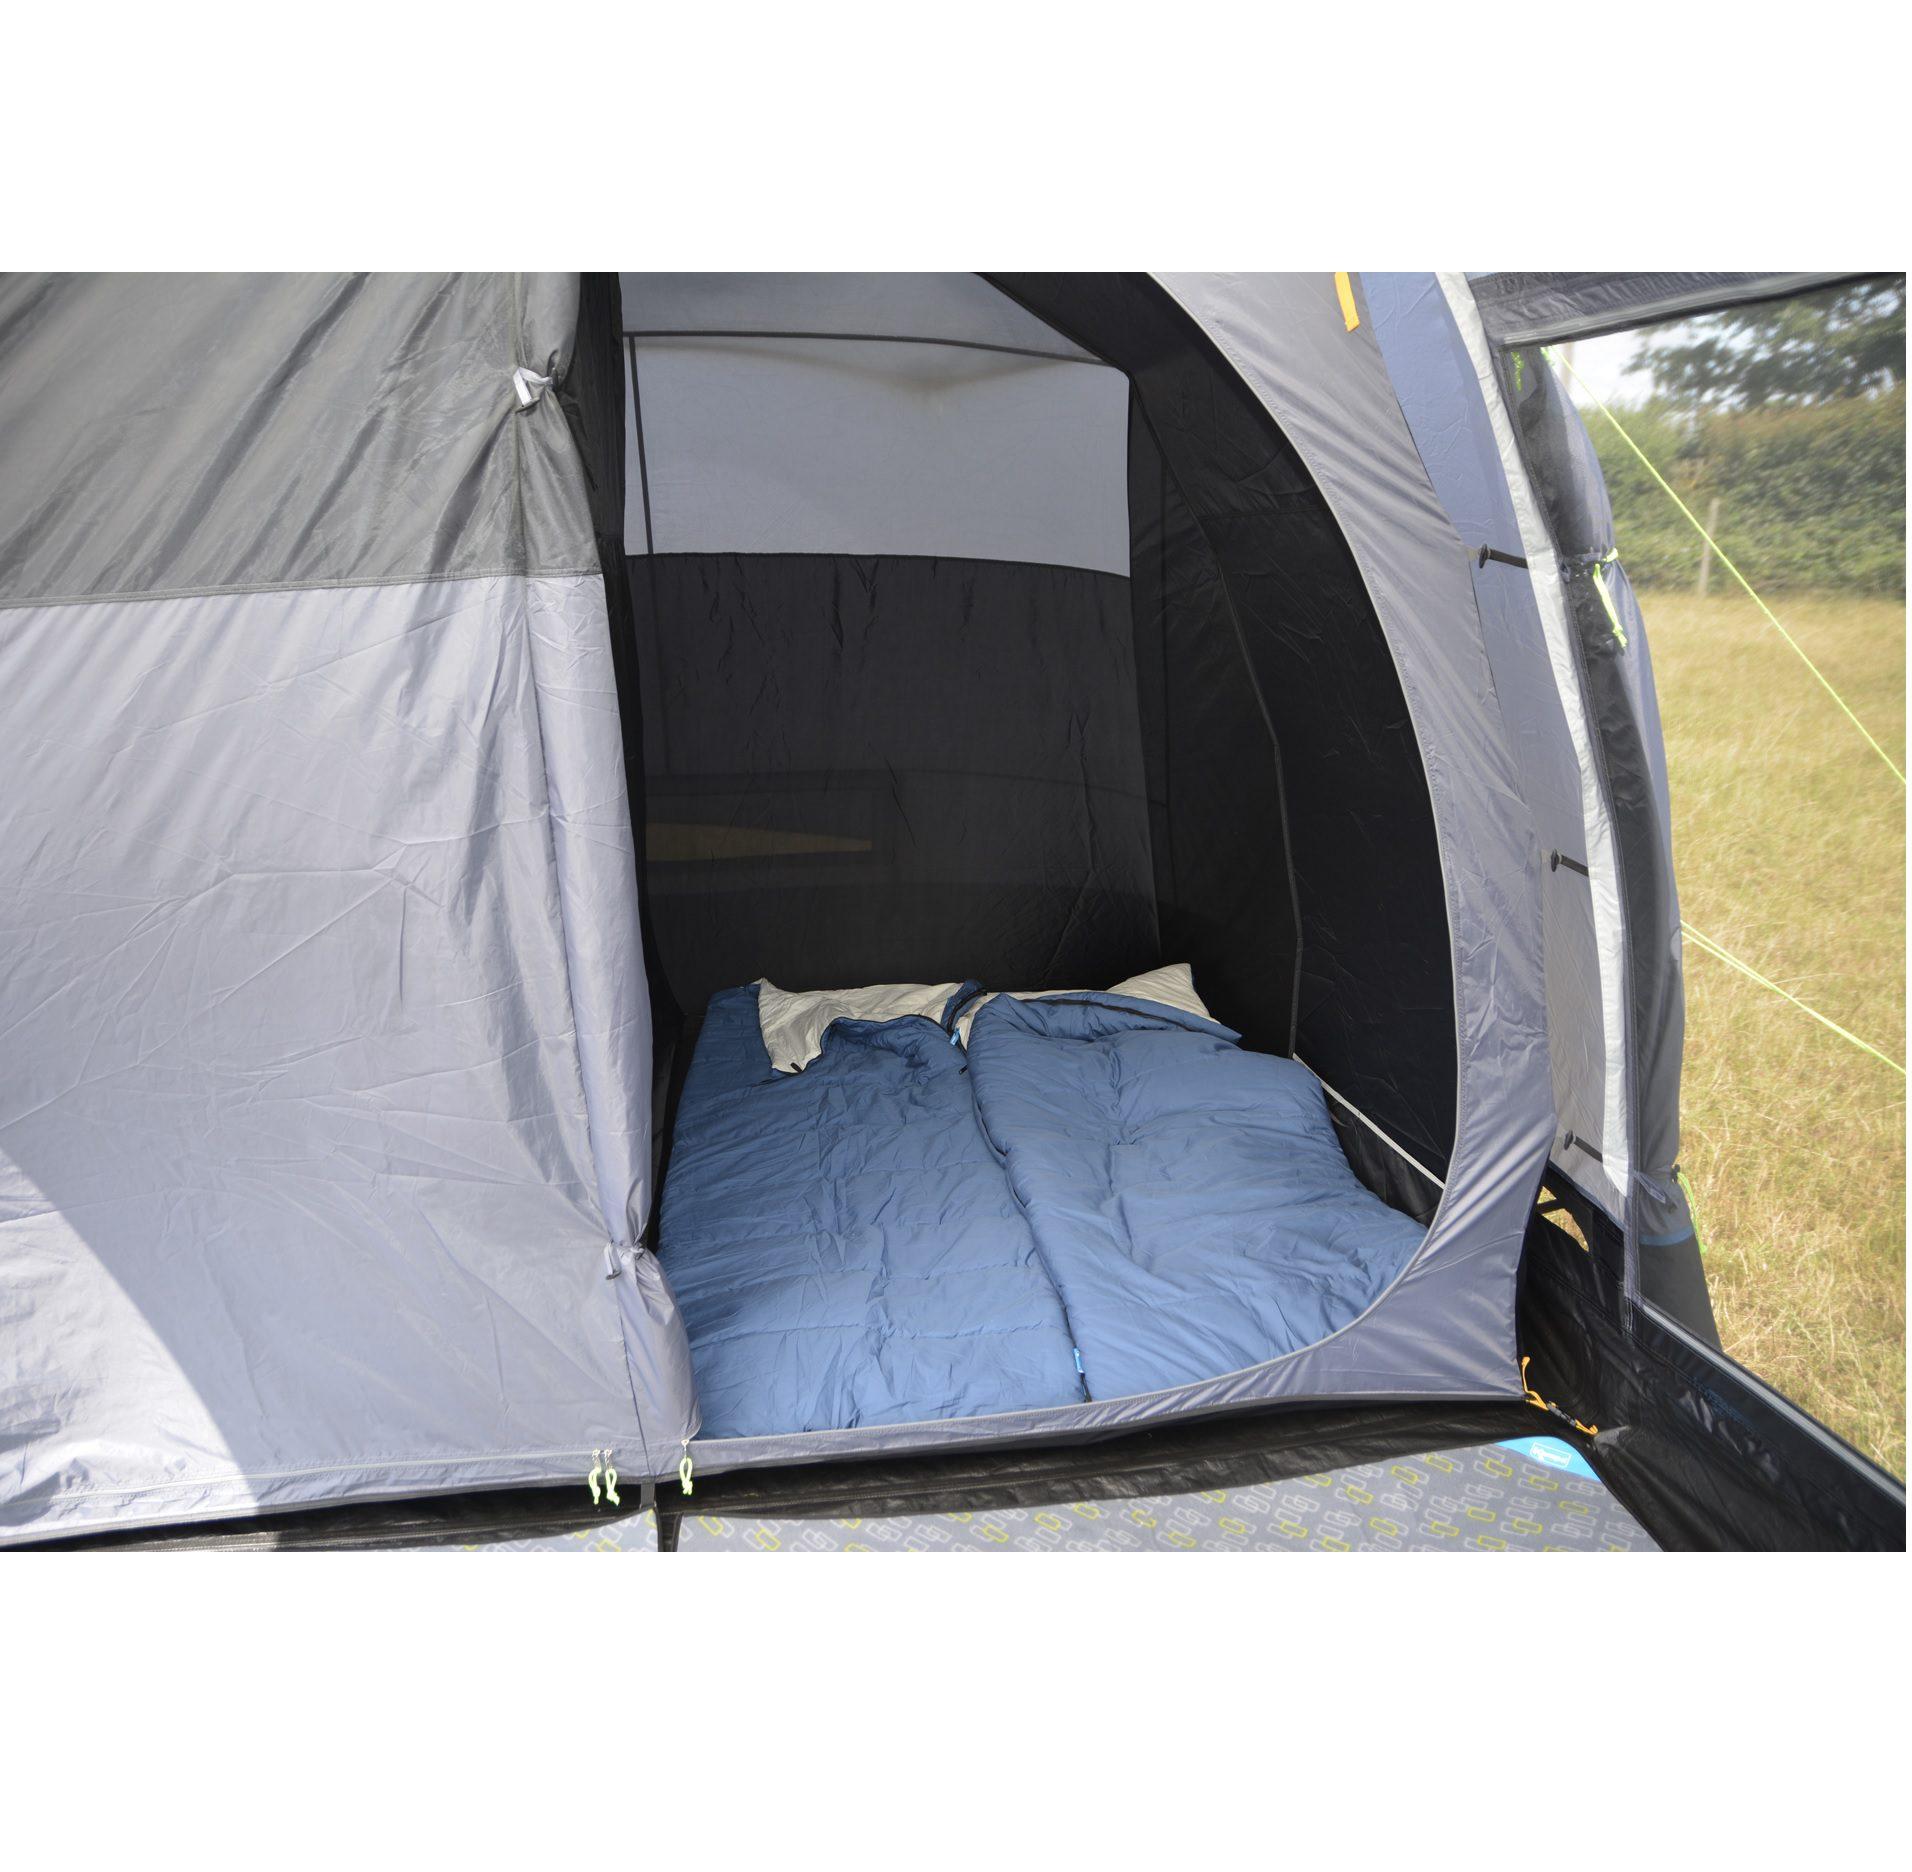 Kampa Texel 4 tent bedroom